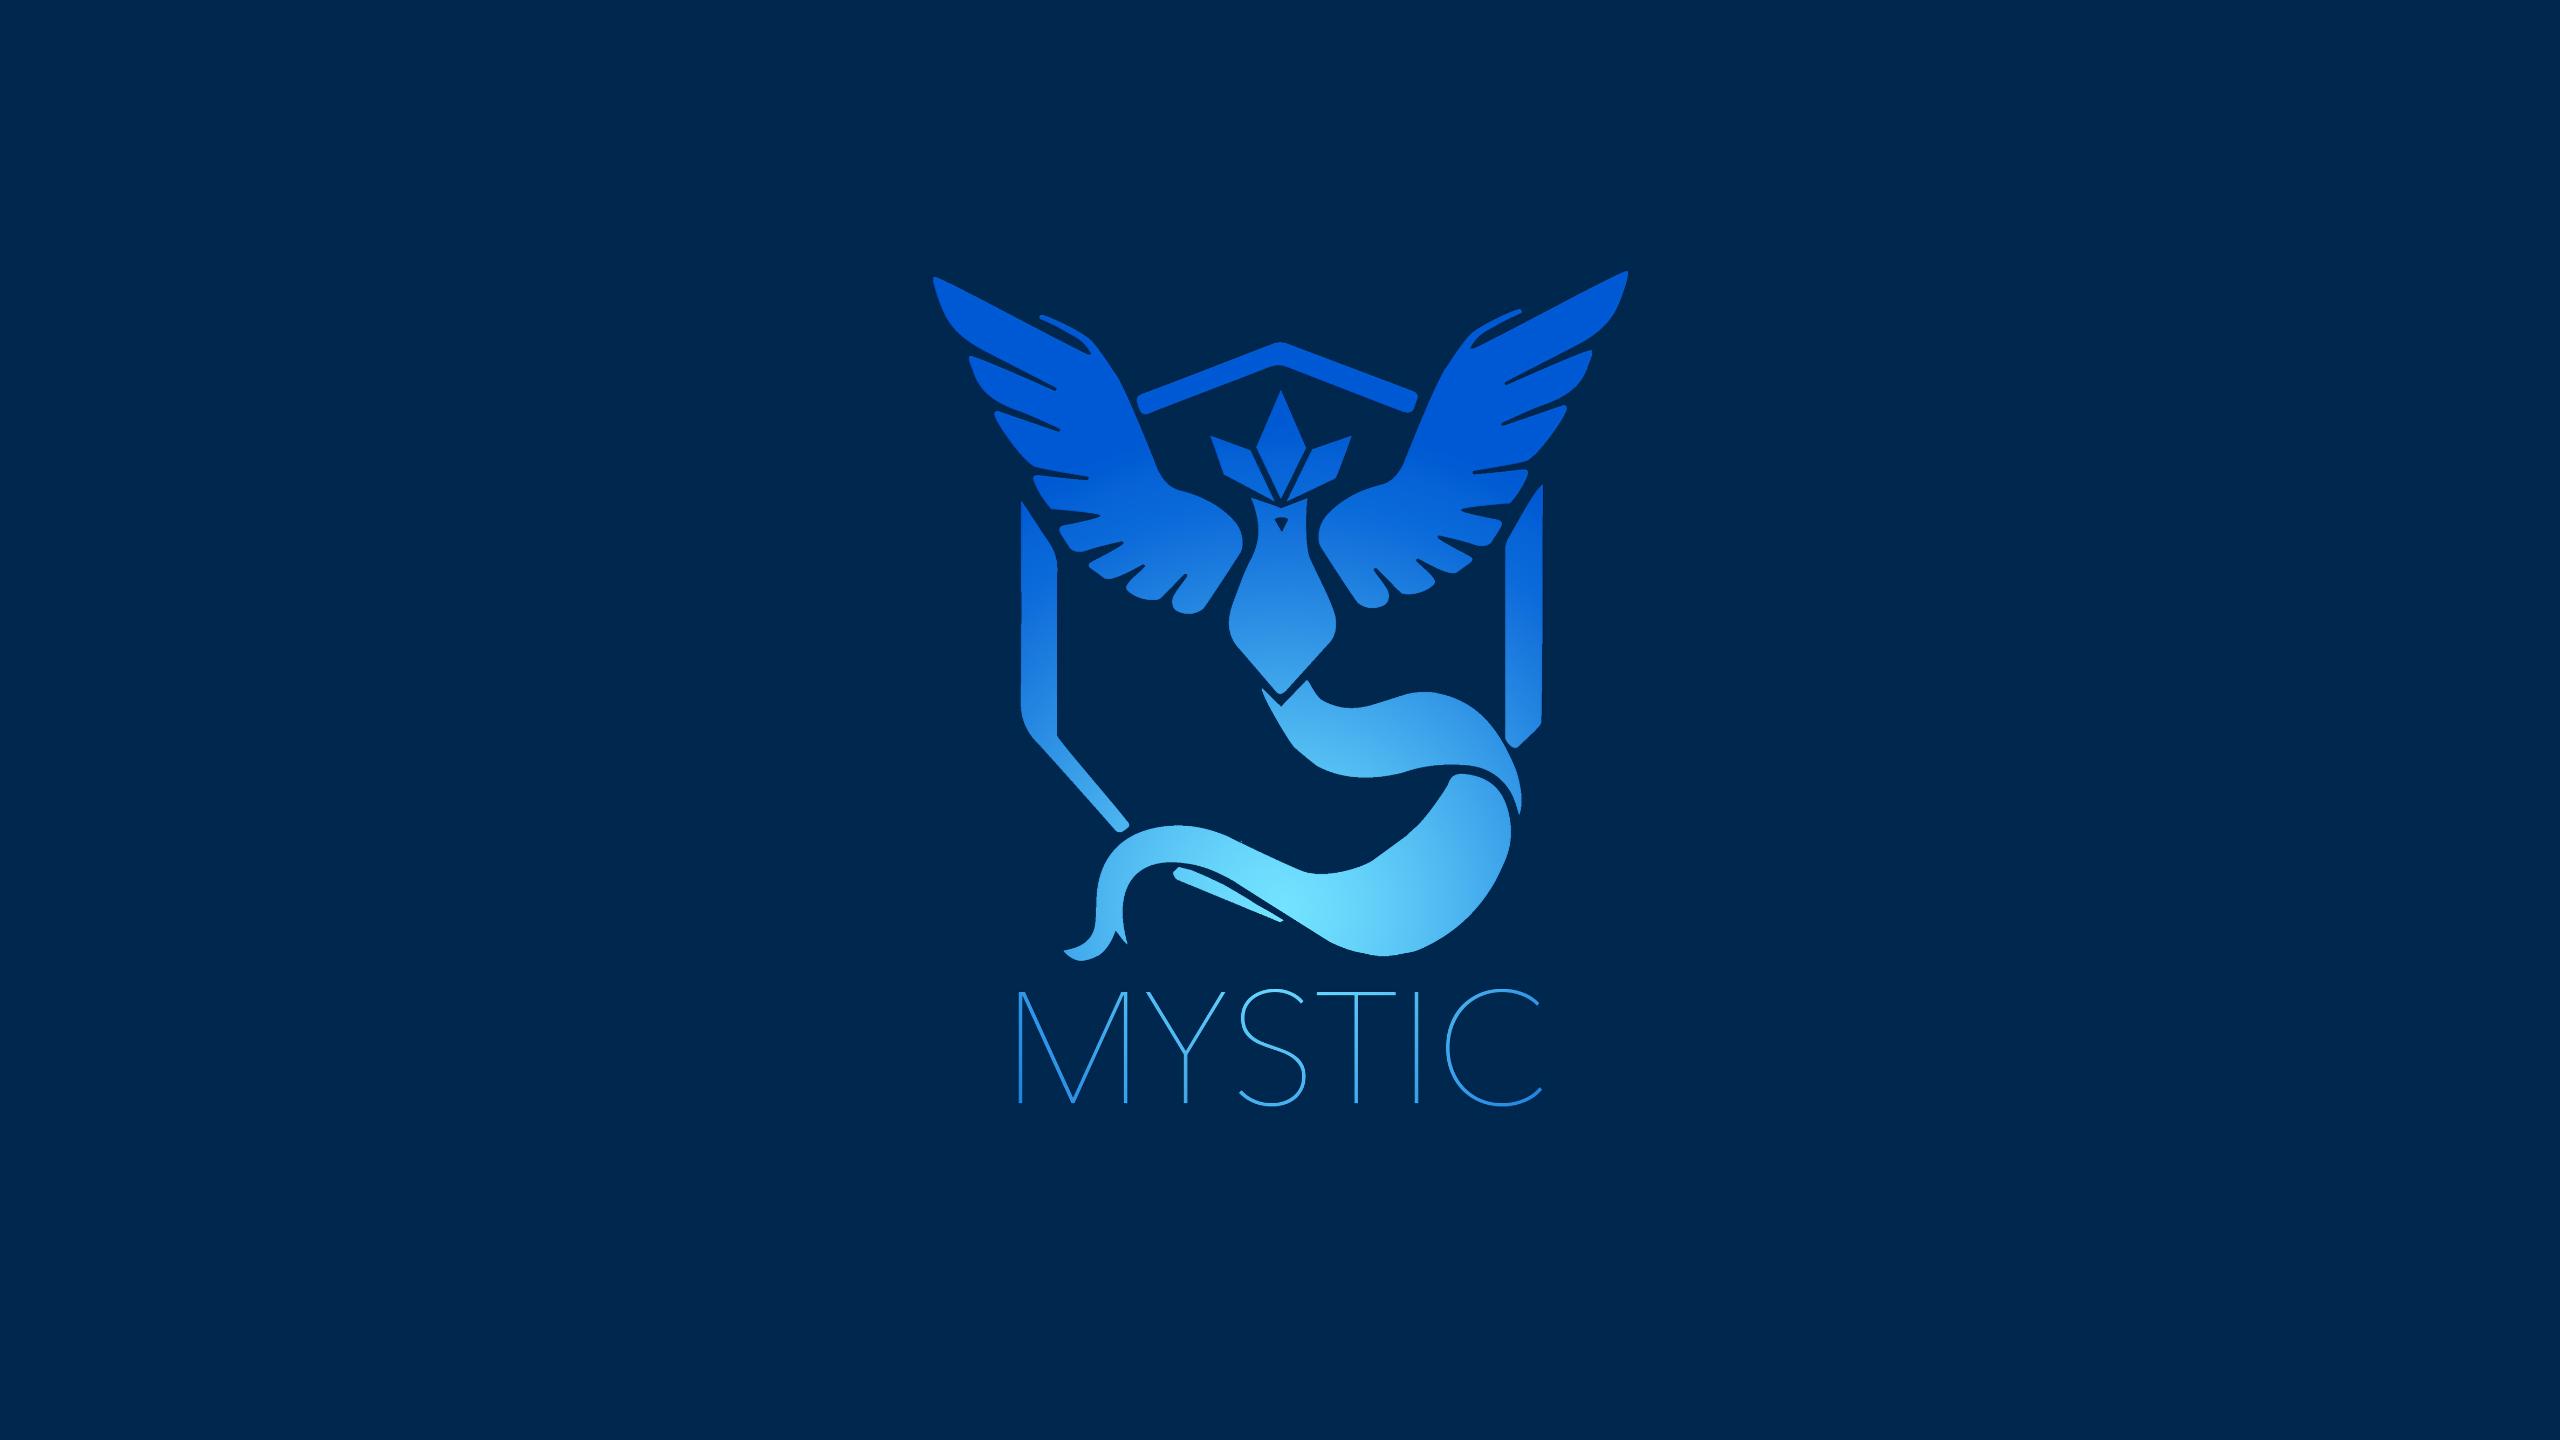 go team mystic pokemon - photo #5